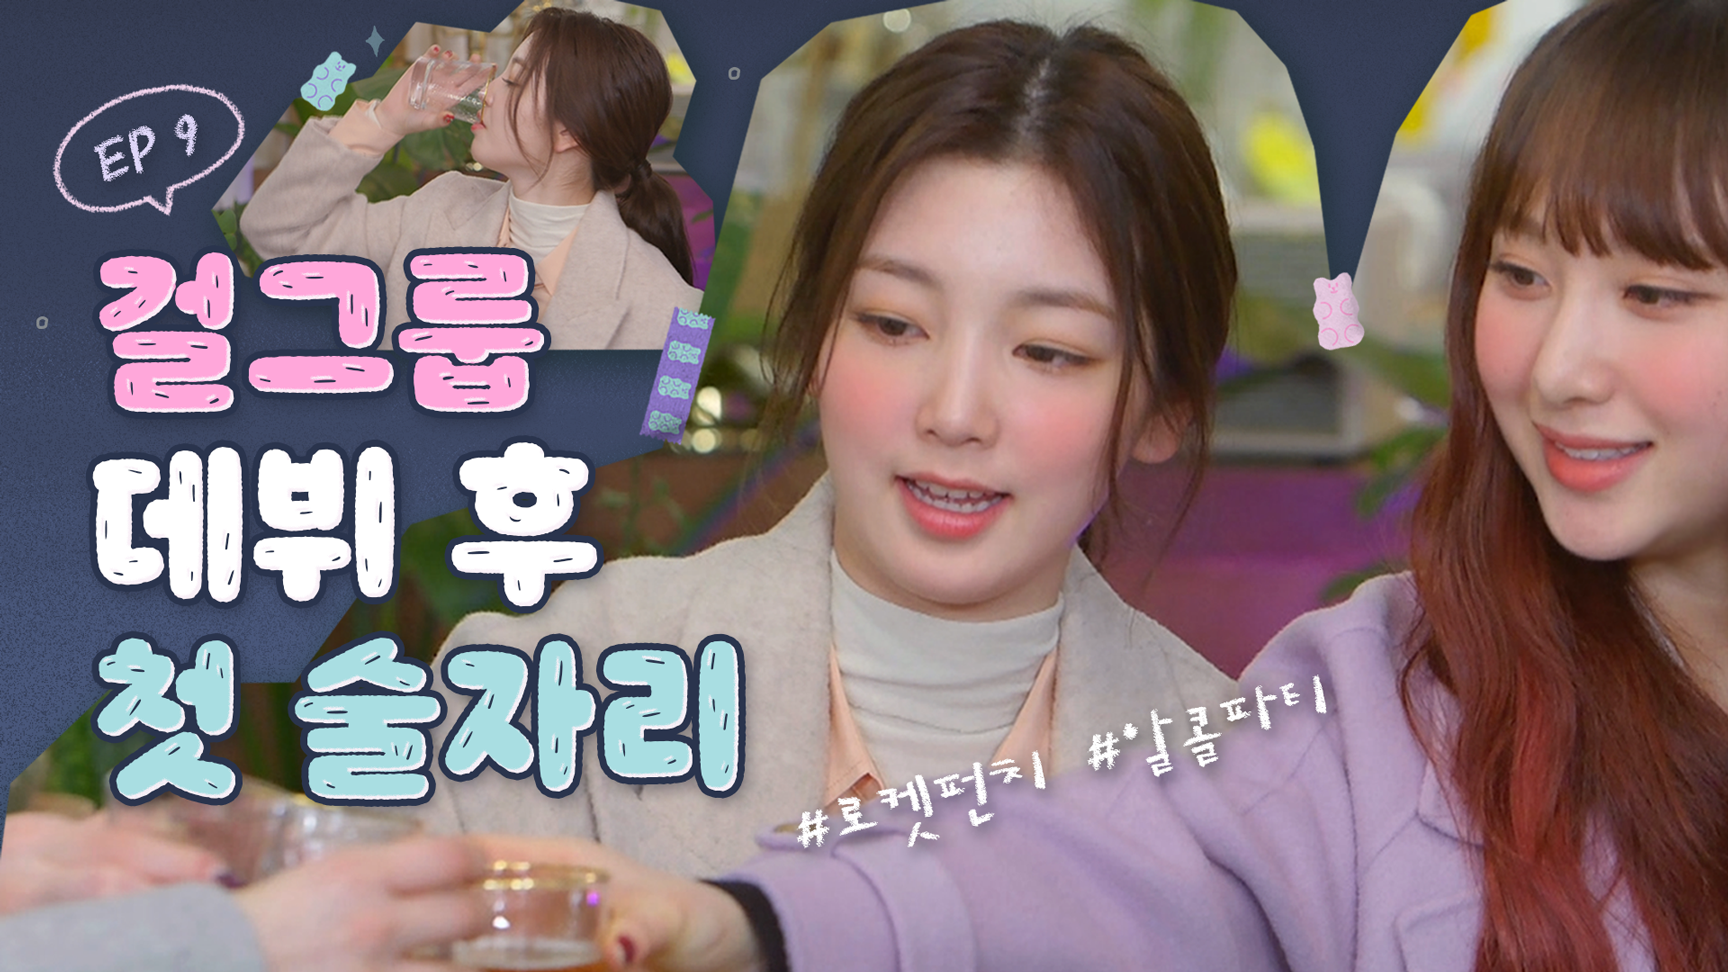 데뷔 이후 첫 술자리를 가진 아이돌┃로켓펀치 [펀치타임 2] EP9